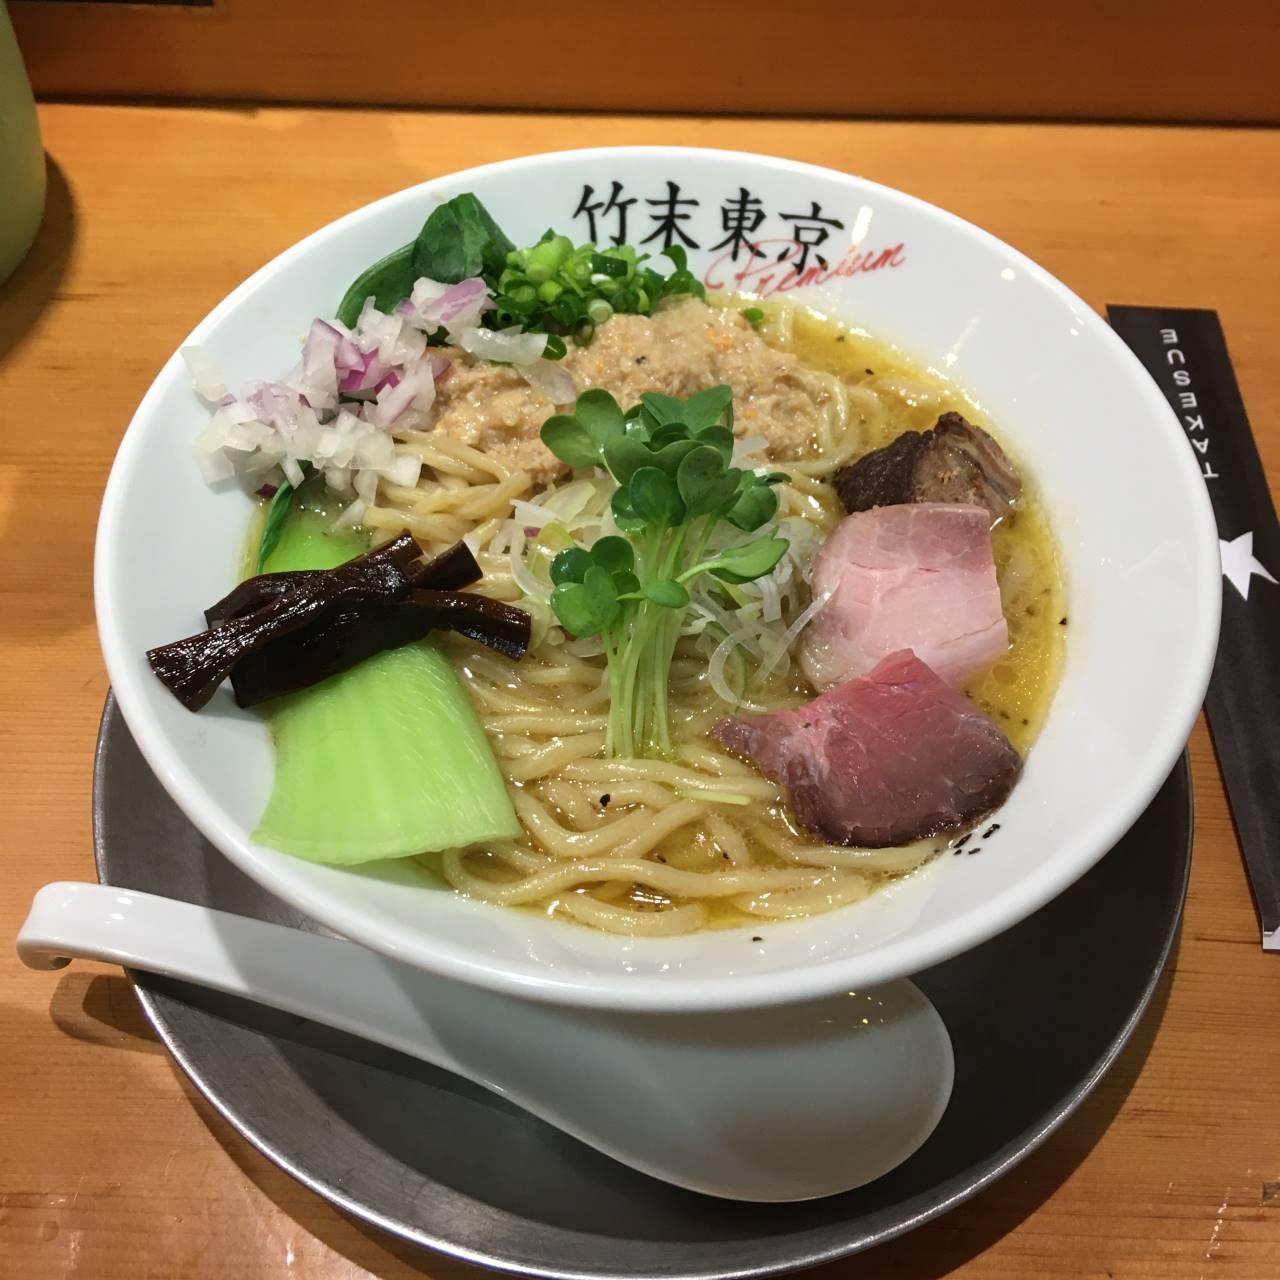 竹末東京プレミアムの鶏ホタテそば  2020年4月21日